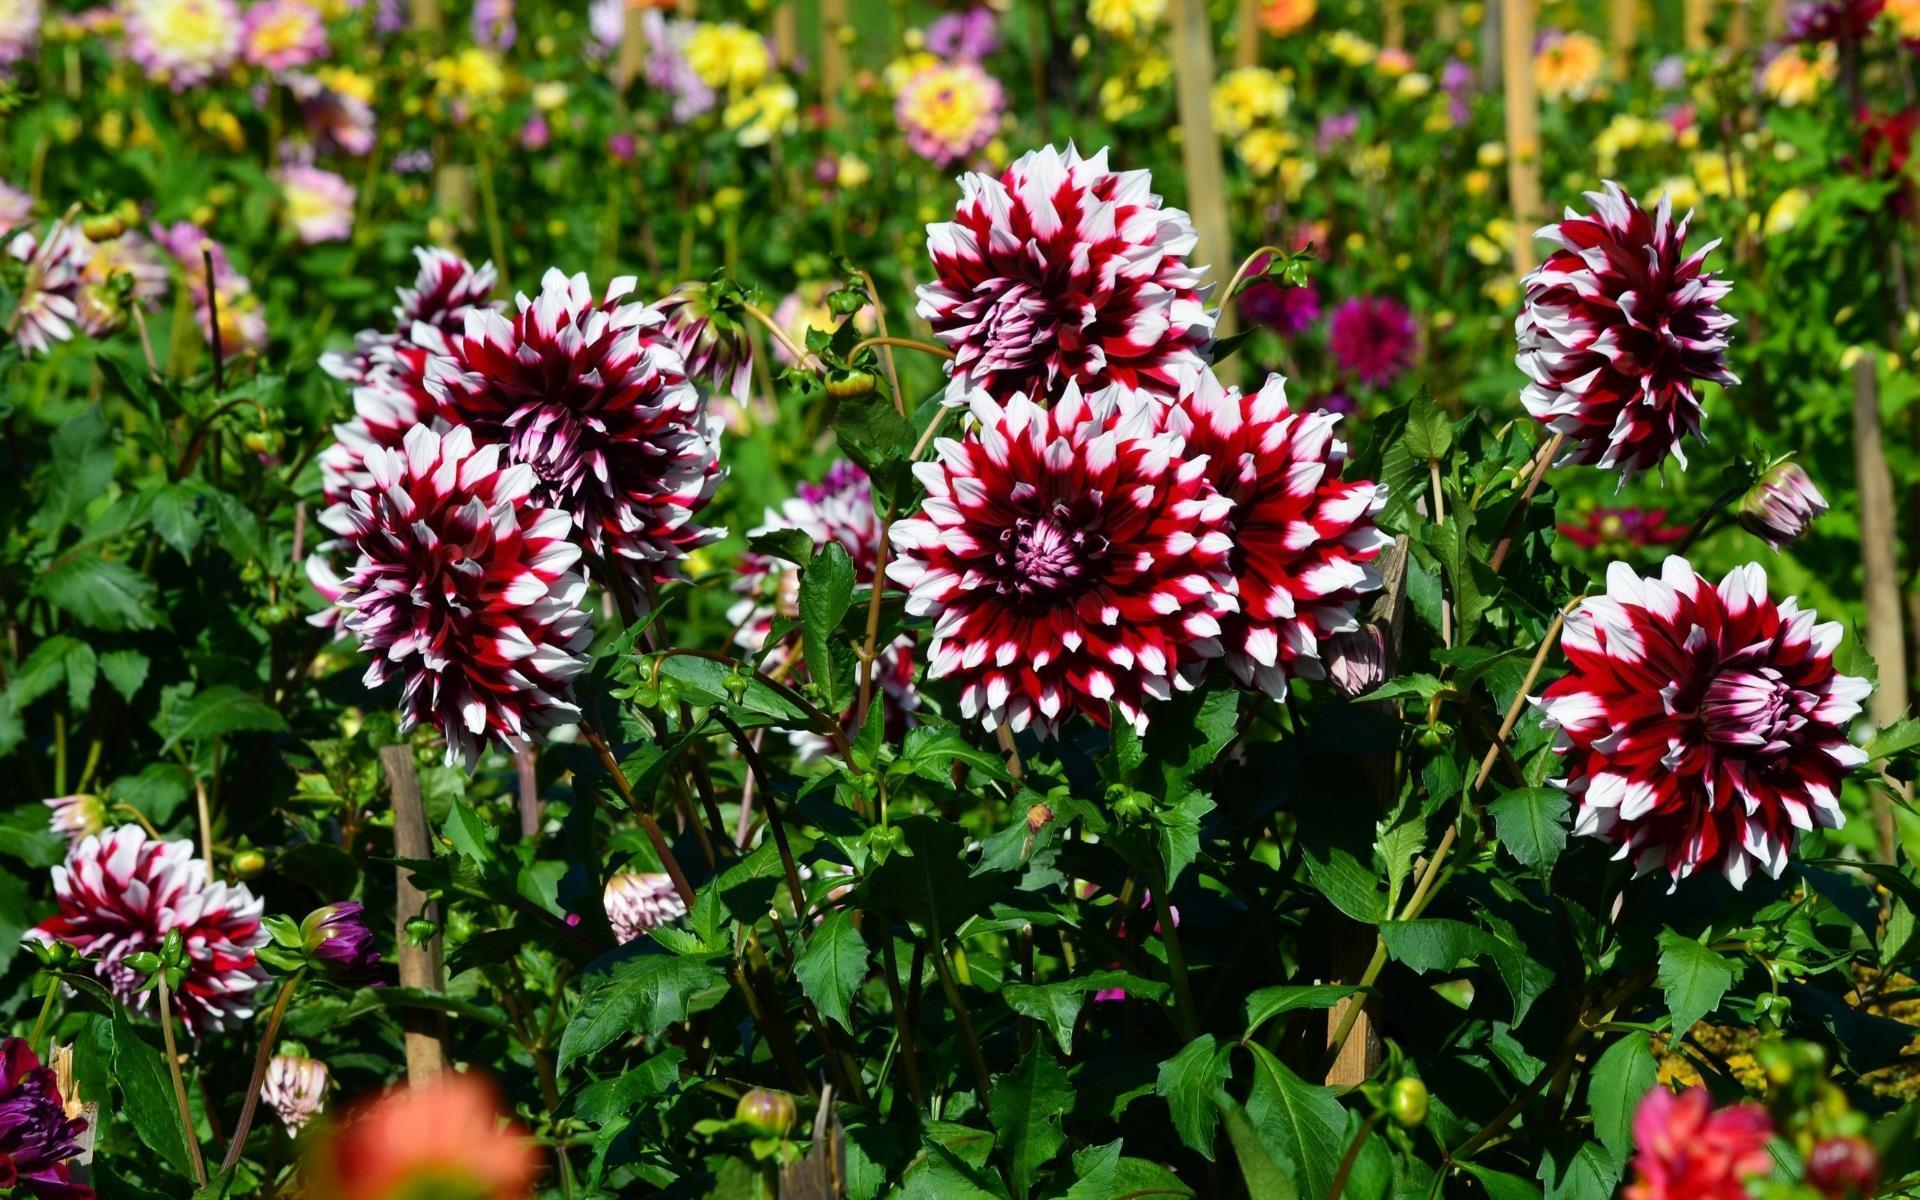 fonds d u0026 39  u00e9cran nature  les fleurs arrivent en grand format   - fleurs